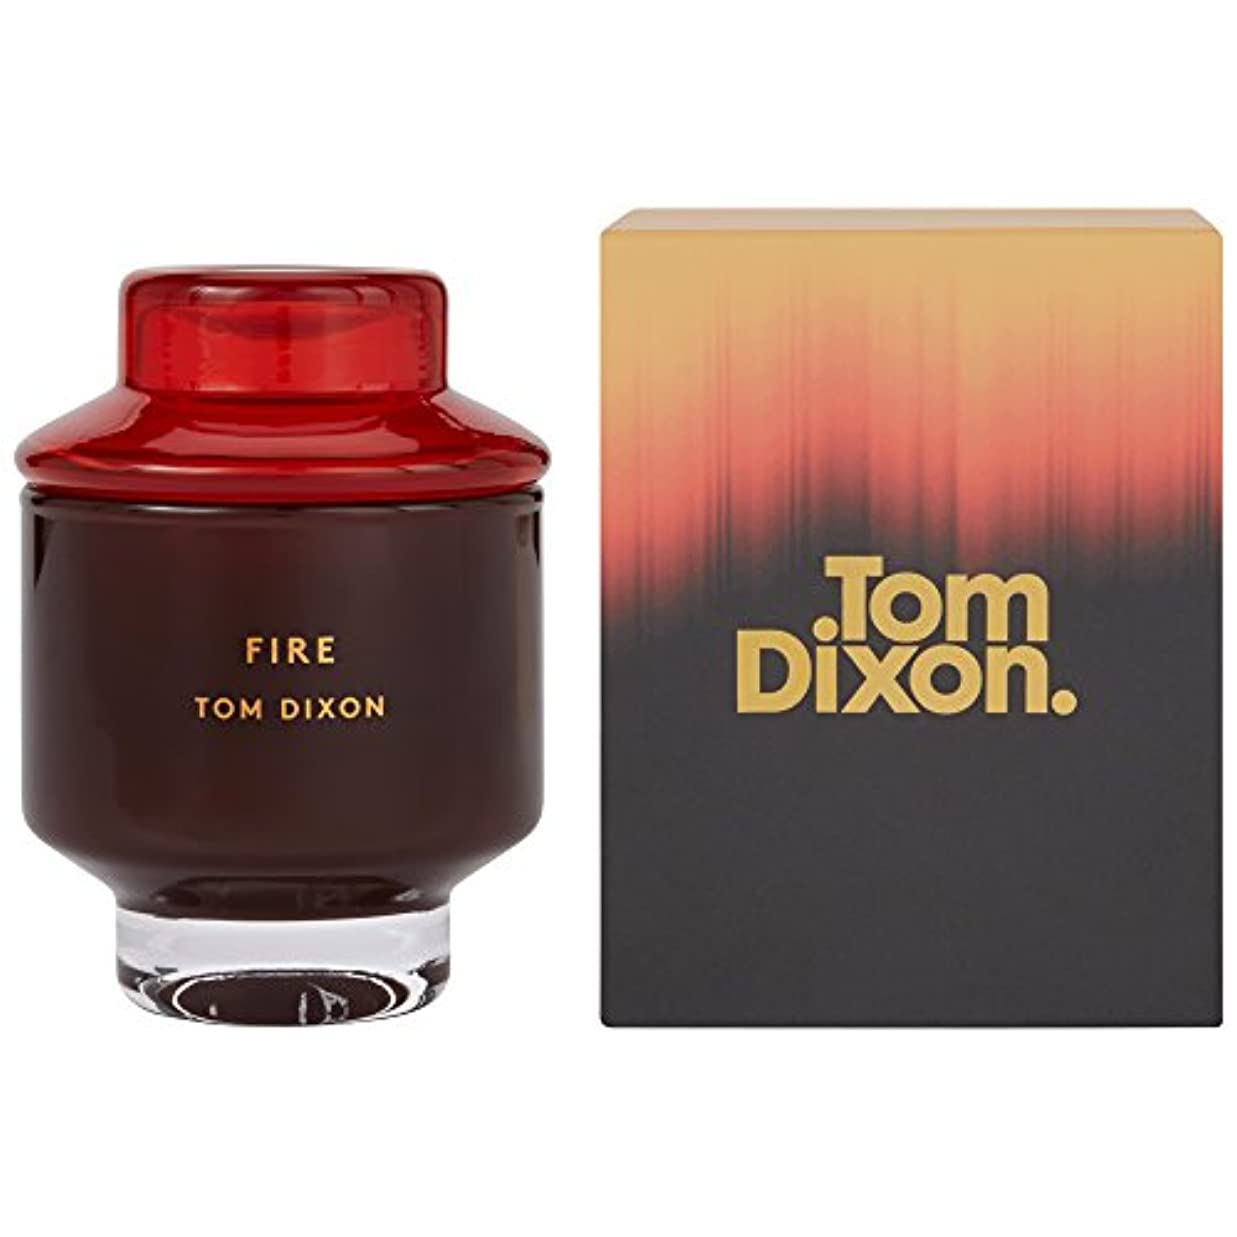 他に米国コロニートム?ディクソン火災香りのキャンドル媒体 x6 - Tom Dixon Fire Scented Candle Medium (Pack of 6) [並行輸入品]